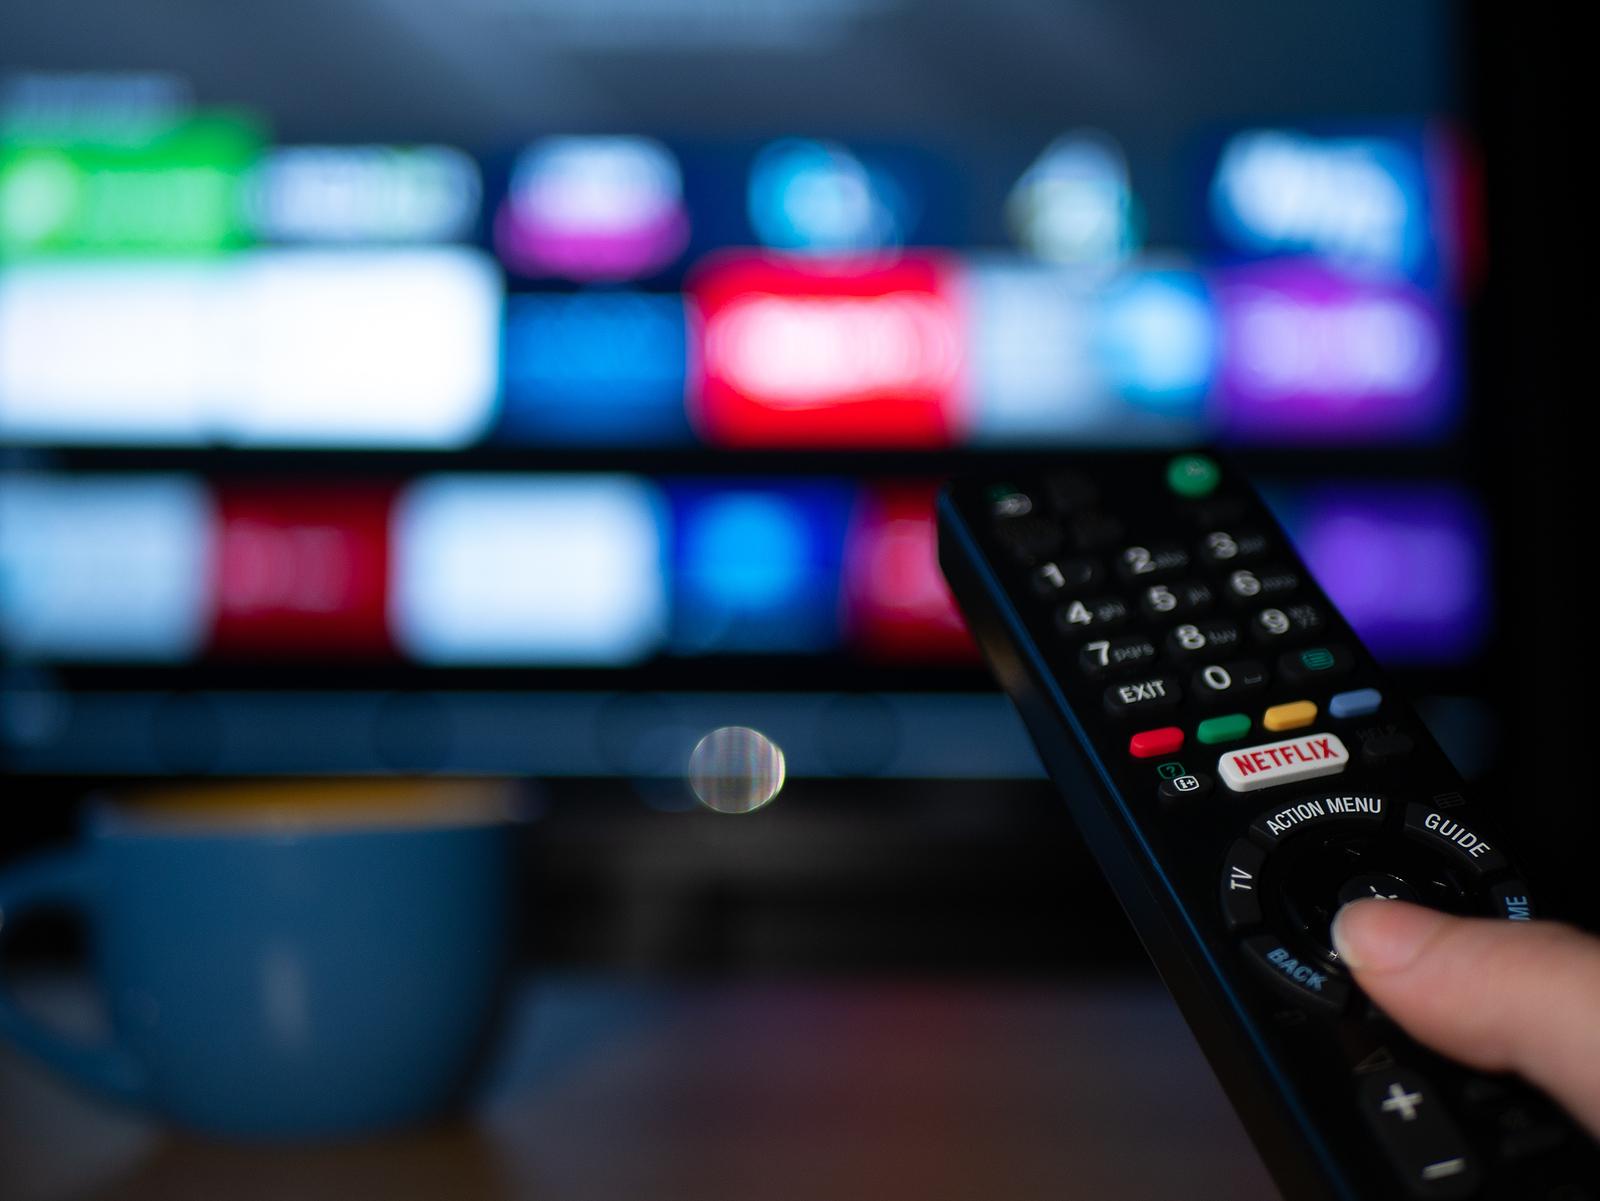 O Brasil é um dos principais mercados consumidores de plataformas de streaming, sendo que o país conta com o segundo maior número de assinantes da Netflix em todo mundo